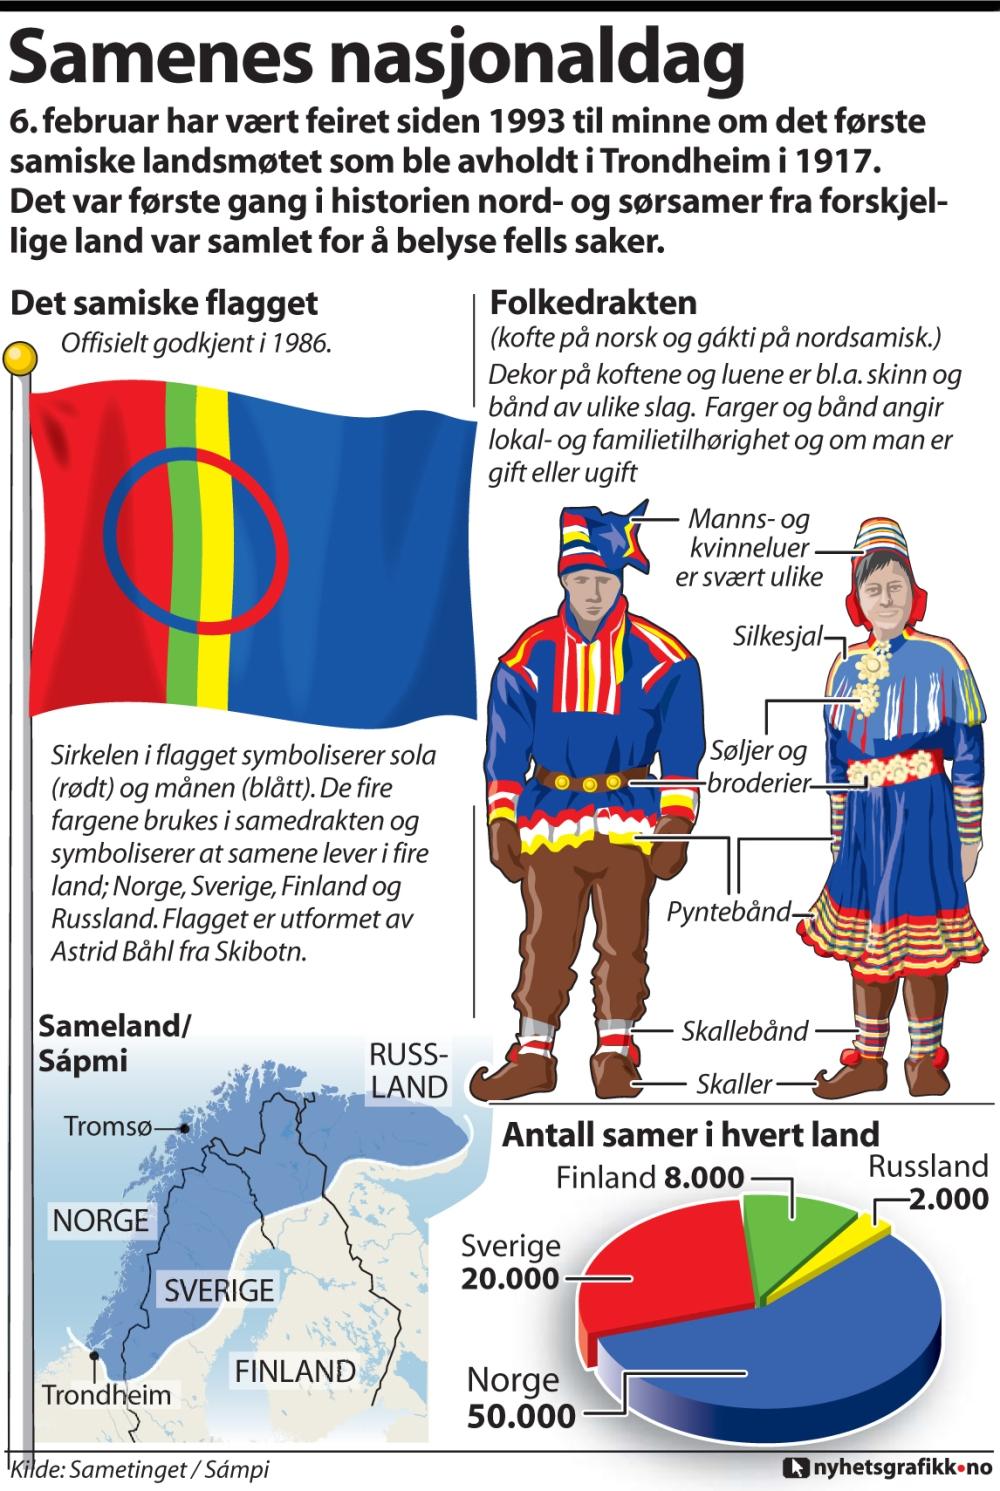 samenes_nasjonaldag